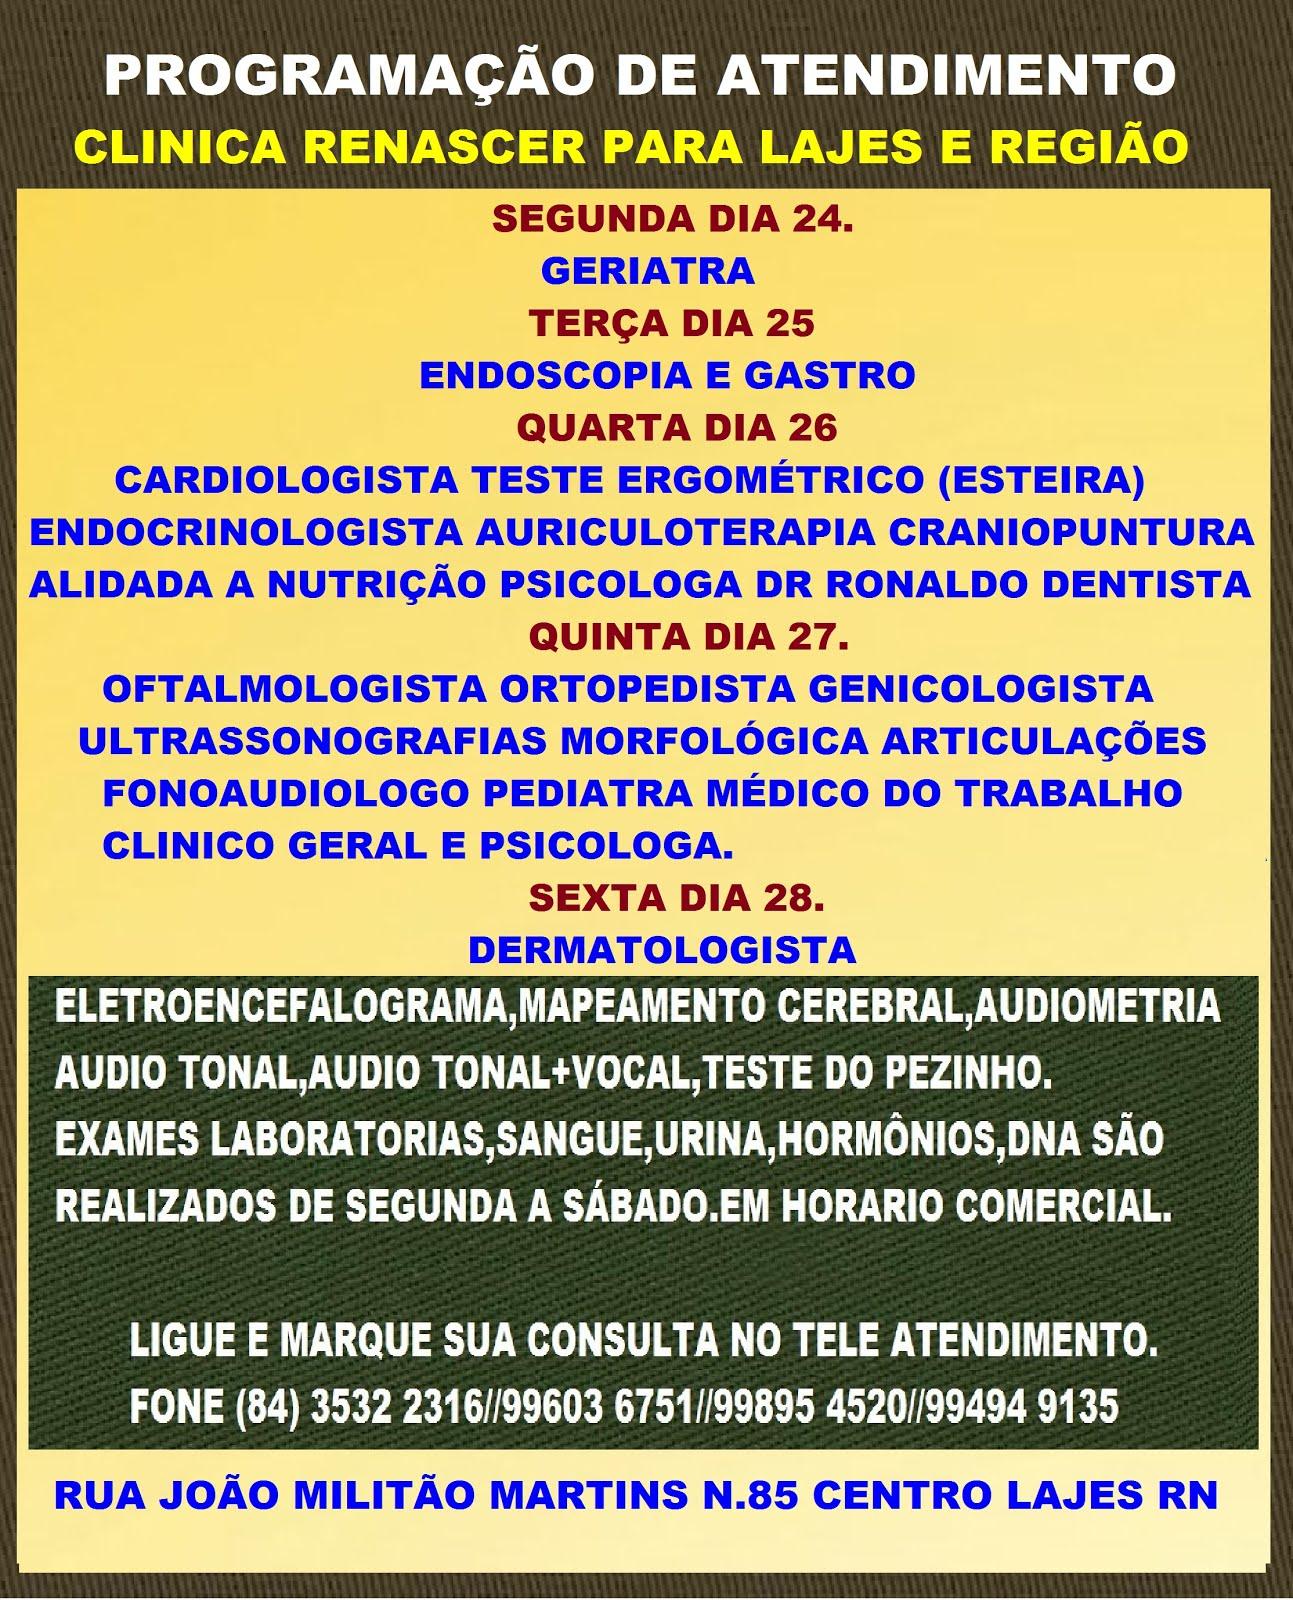 PROGRAMAÇÃO CLINICA RENASCER PARA LAJES E REGIÃO